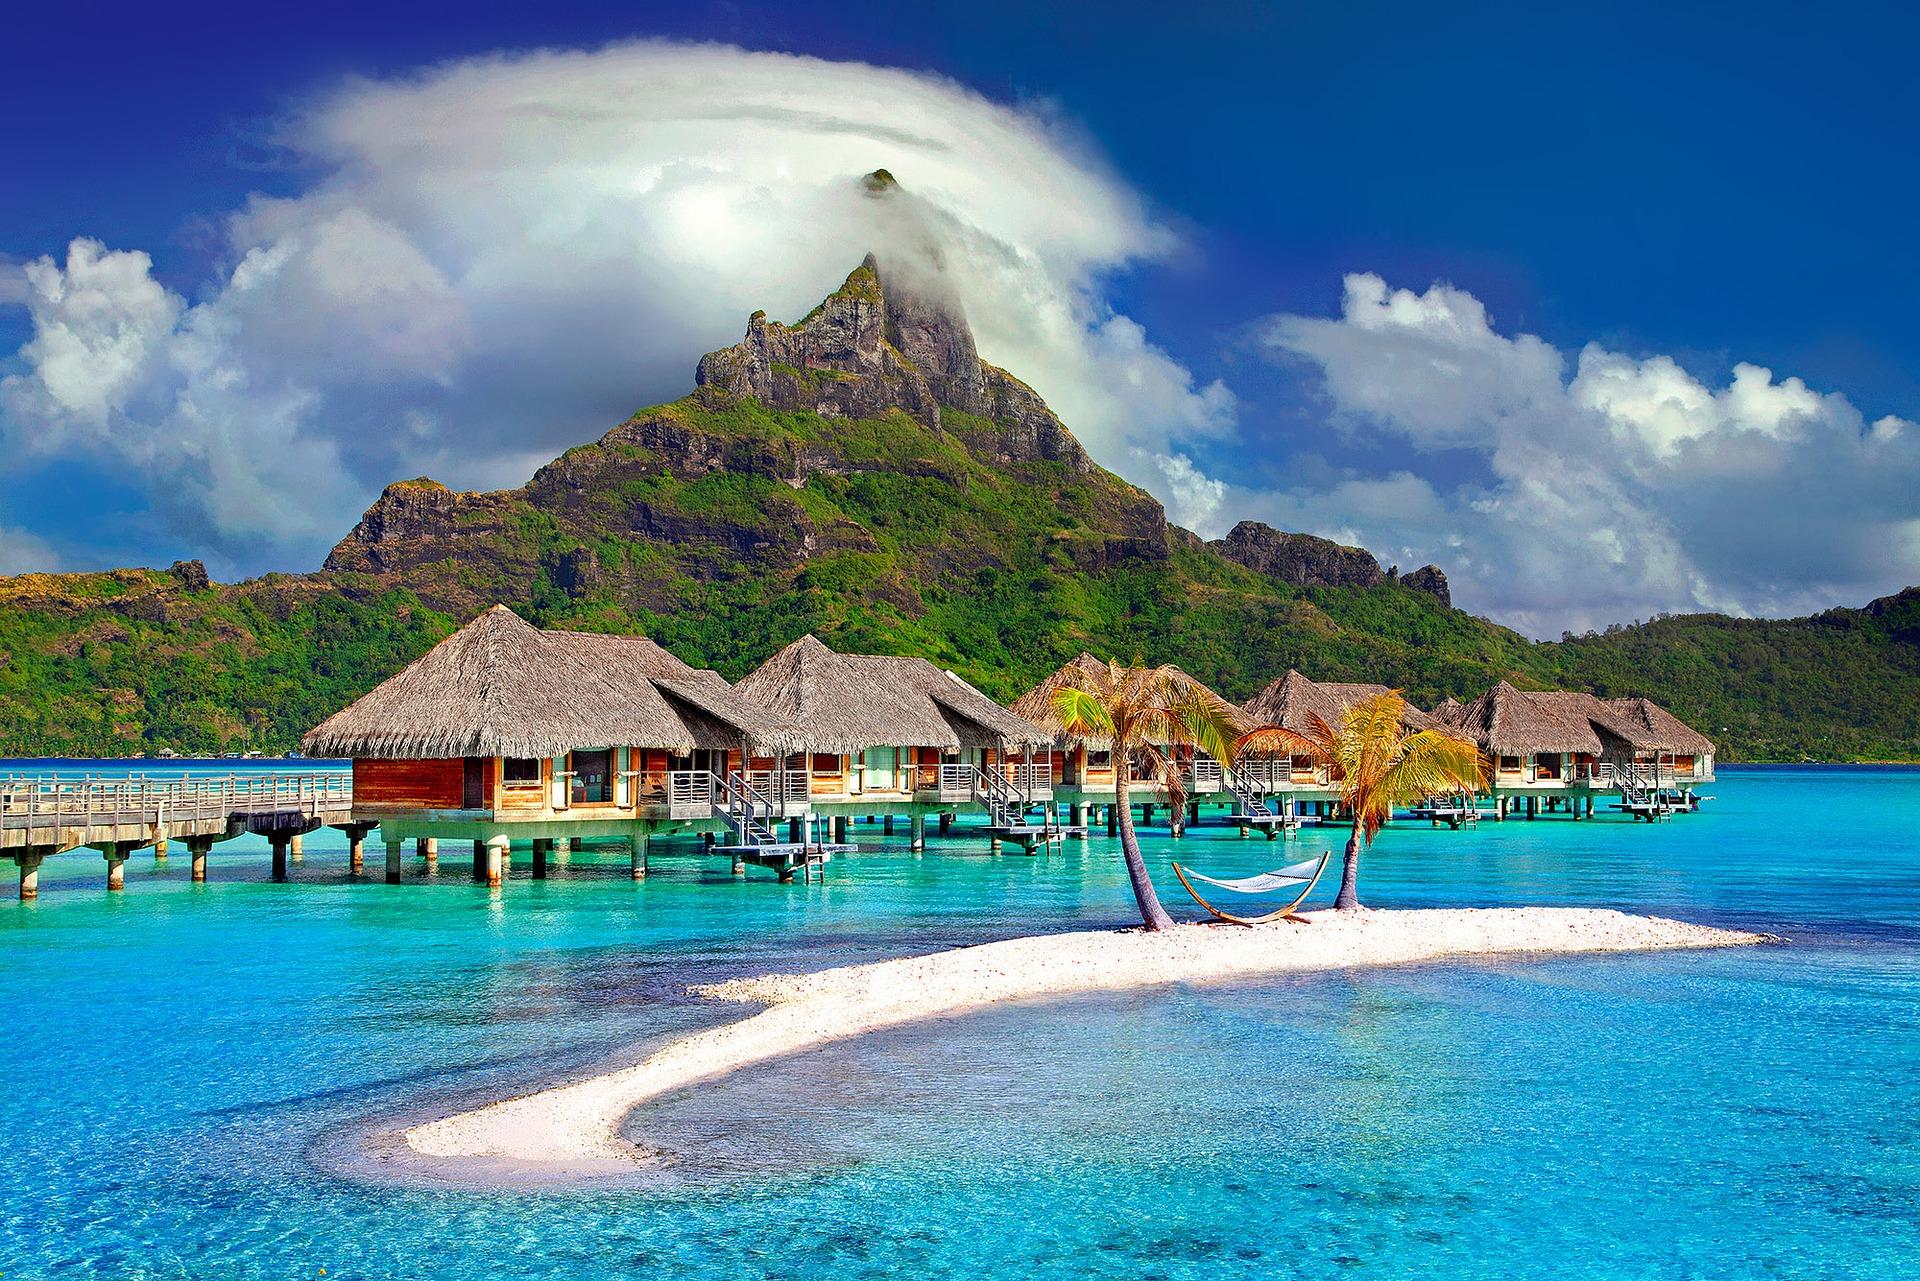 Where to stay in Bora Bora